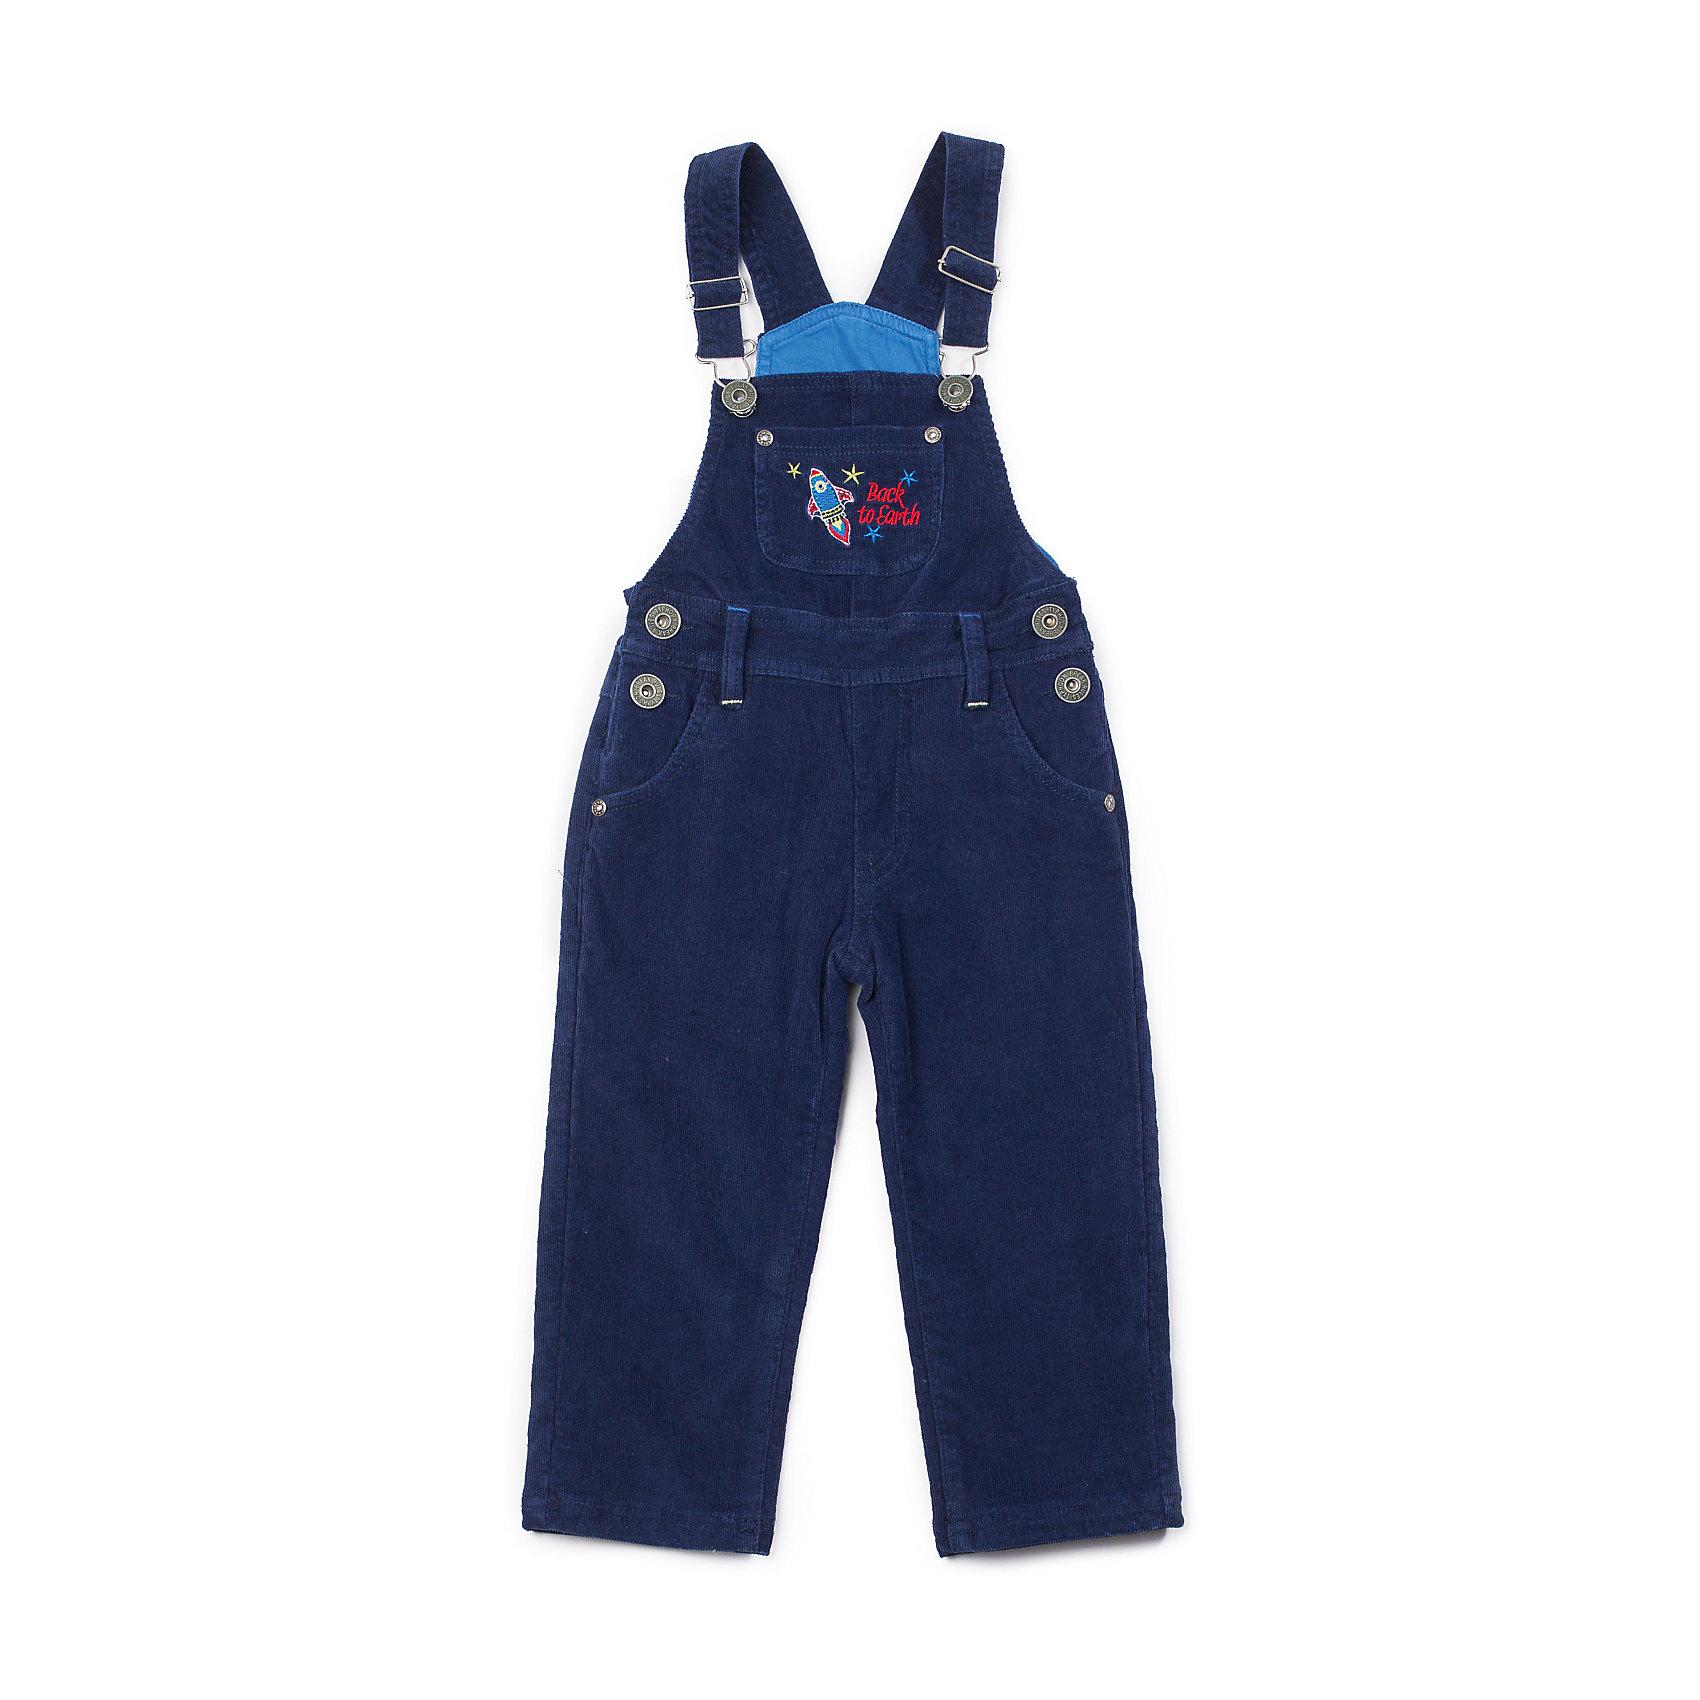 Полукомбинезон для мальчика Sweet BerryМодный вельветовый полукомбинезон для мальчика, декорирован вышивкой на переднем кармане.<br>Состав:<br>Верх: 98% хлопок, 2% эластан, Подкладка: 100% хлопок<br><br>Ширина мм: 215<br>Глубина мм: 88<br>Высота мм: 191<br>Вес г: 336<br>Цвет: синий<br>Возраст от месяцев: 9<br>Возраст до месяцев: 12<br>Пол: Мужской<br>Возраст: Детский<br>Размер: 80,92,86,98<br>SKU: 4273237